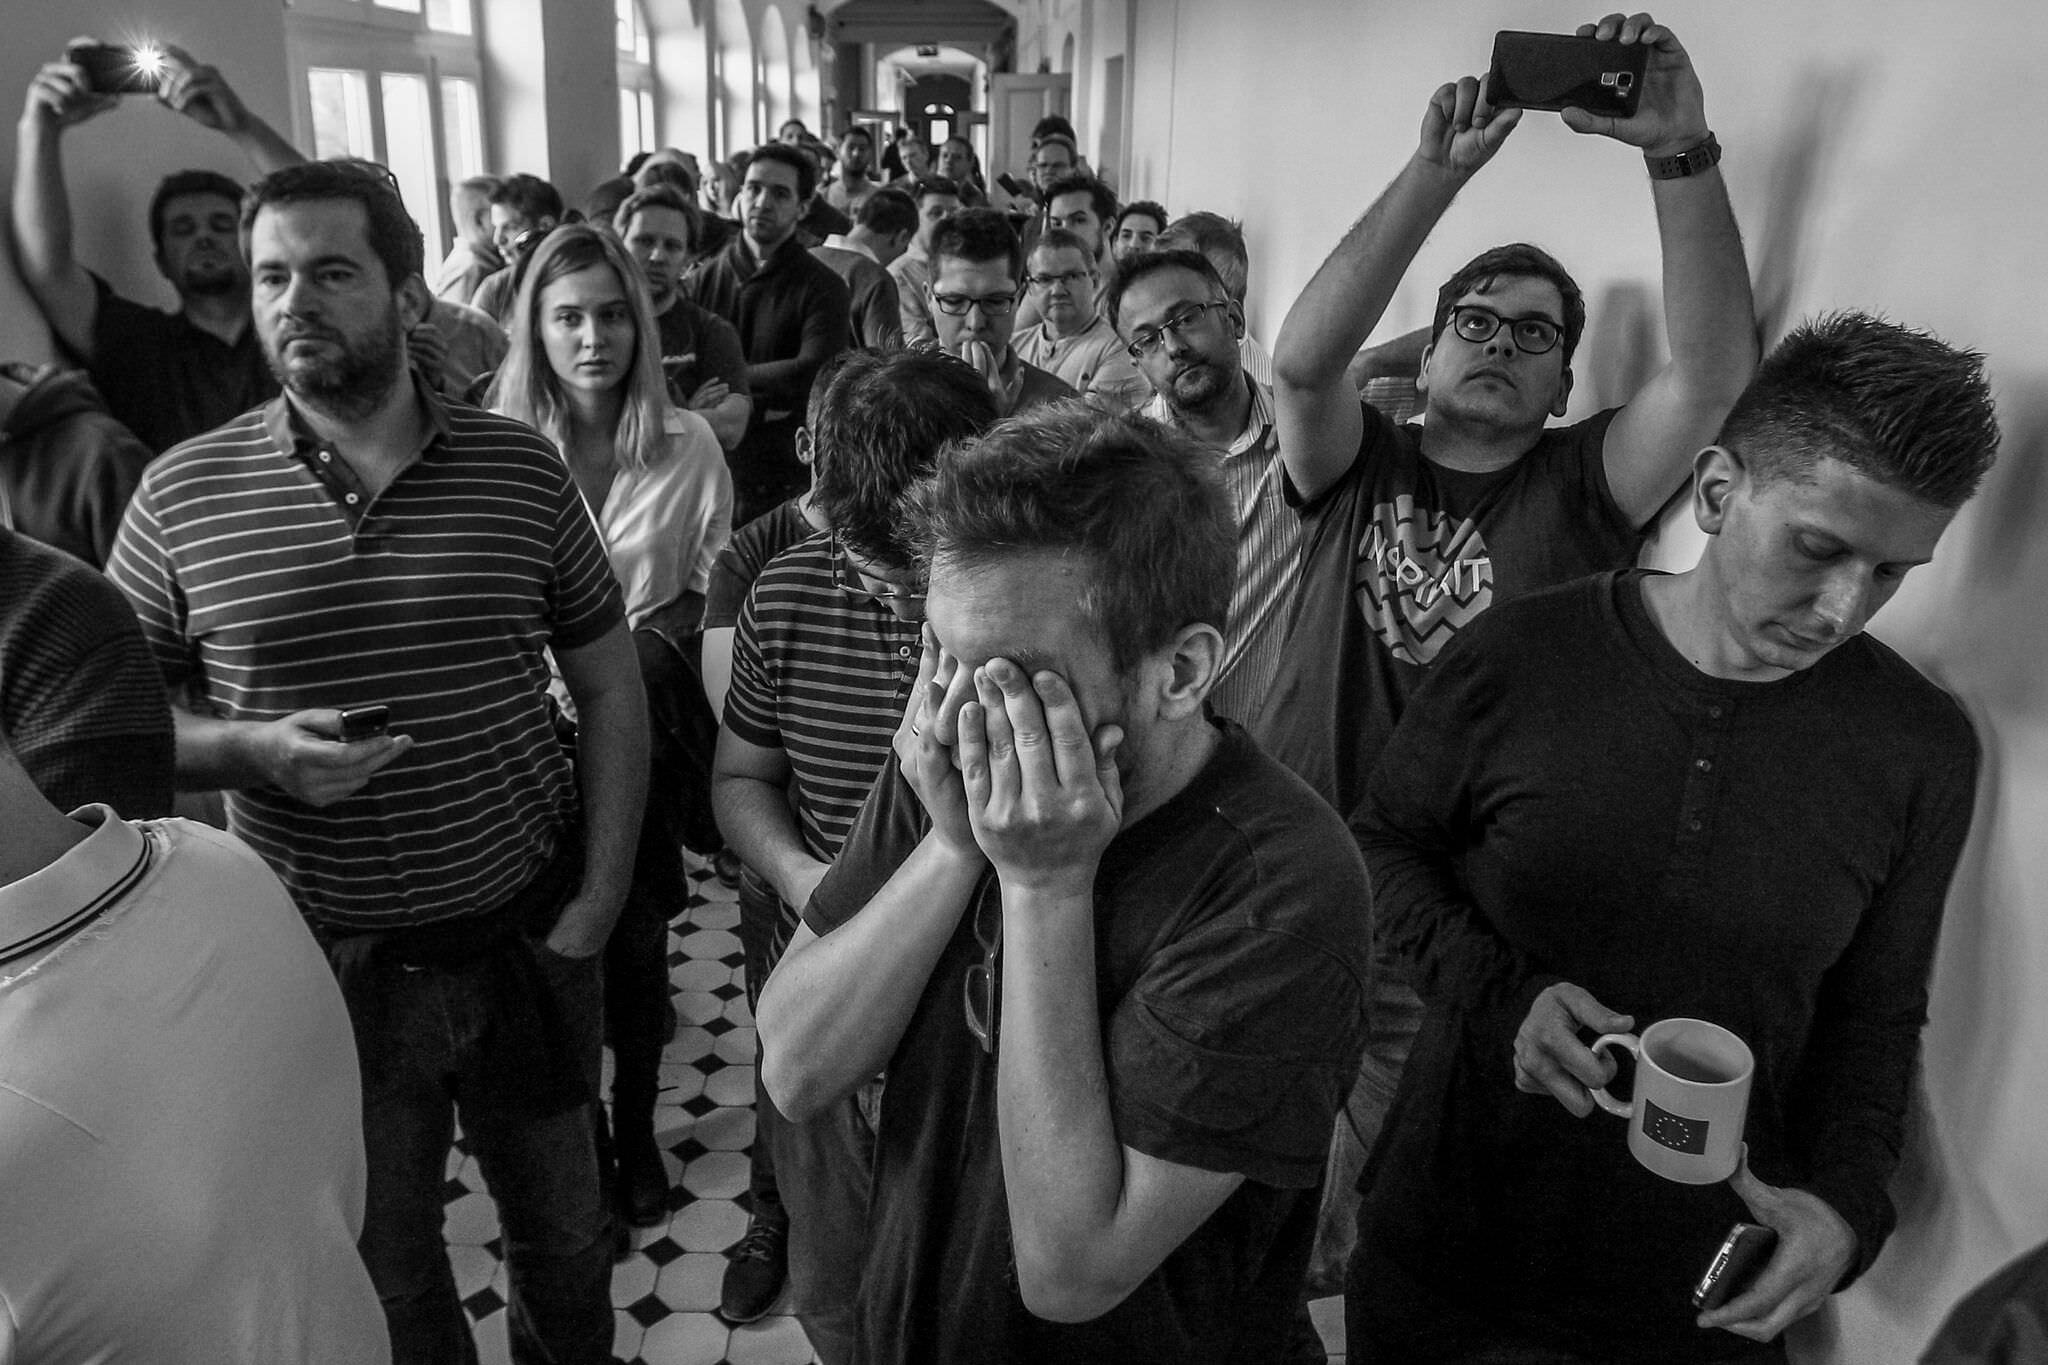 Képriport 2. díj: Balogh Dávid (szabadfoglalkozású): Magyar Nemzet utolsó napja